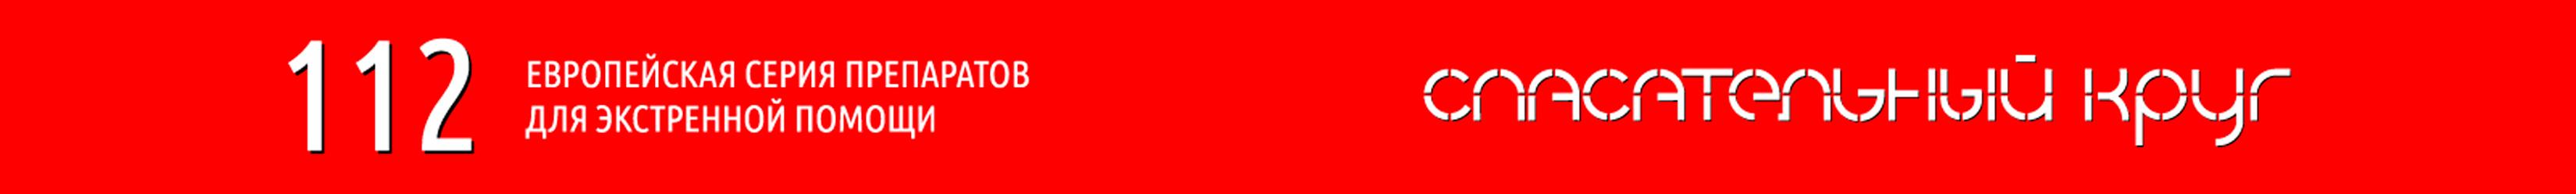 ЛЕЧЕБНАЯ КОСМЕТИКА СПАСАТЕЛЬНЫЙ КРУГ® 112 Logo